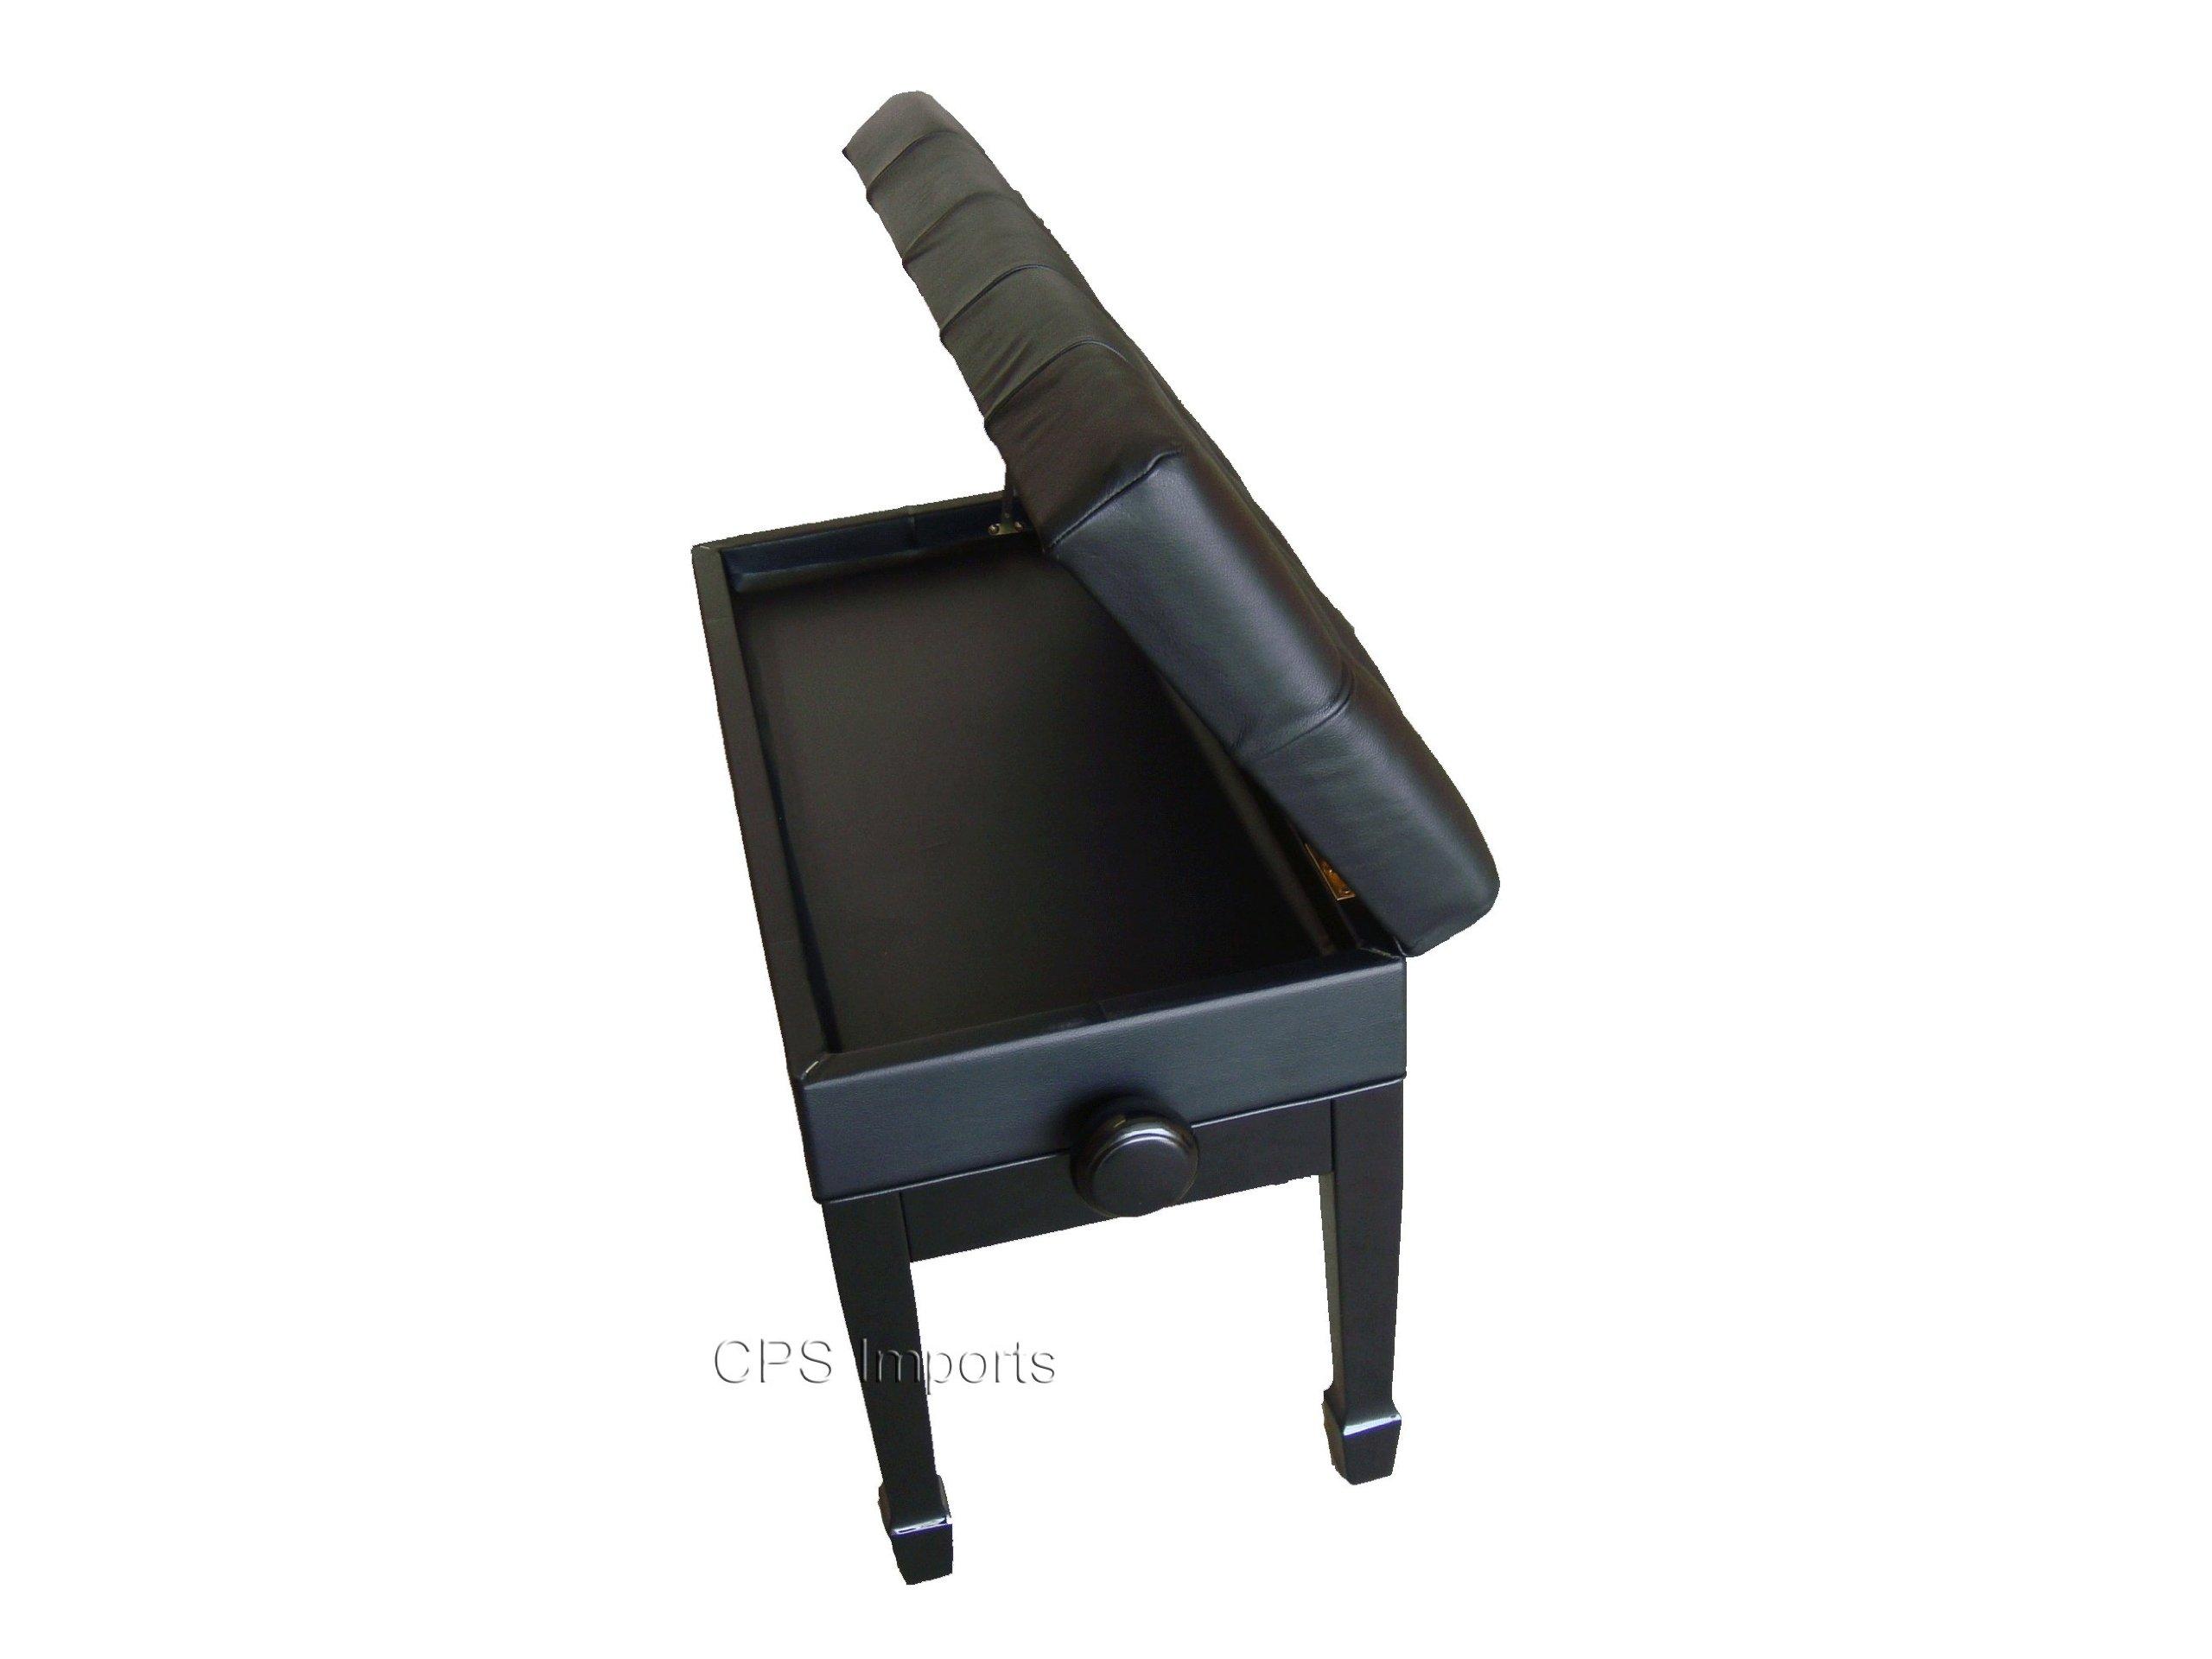 Adjustable Artist Piano Bench in Ebony